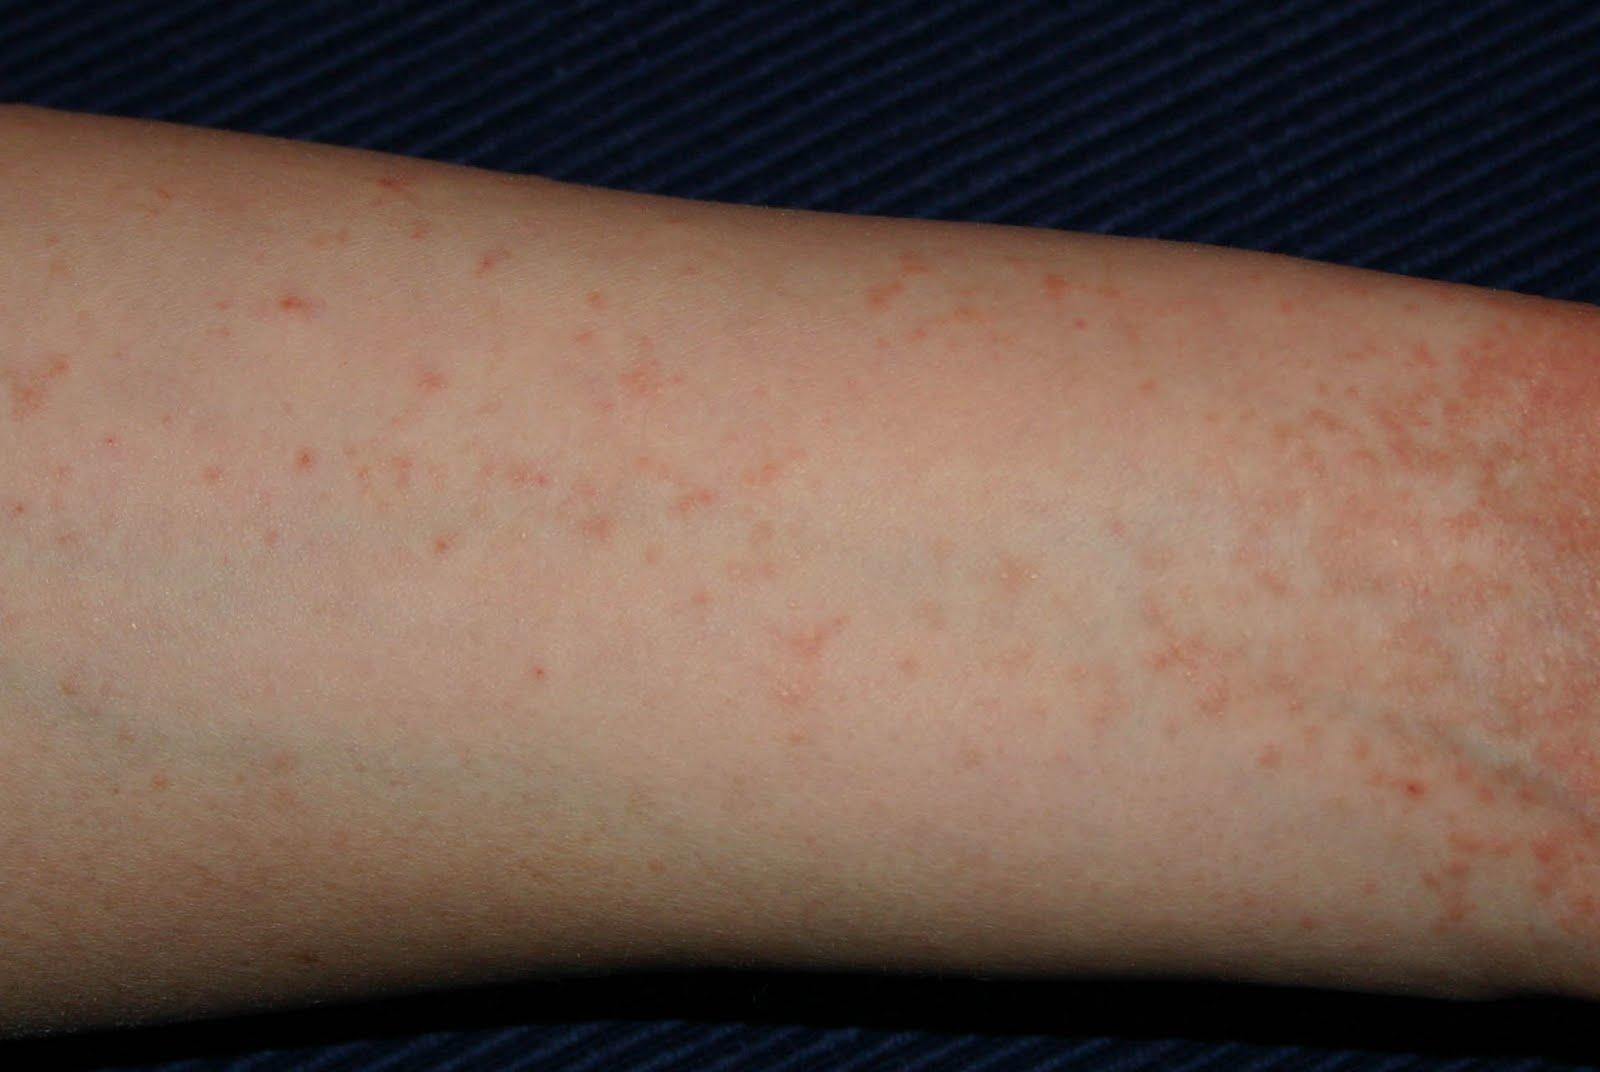 kiütés a lábán vörös foltok formájában, viszkető felnőtteknél fotó hogyan kell kezelni a pikkelysömör kátrányát